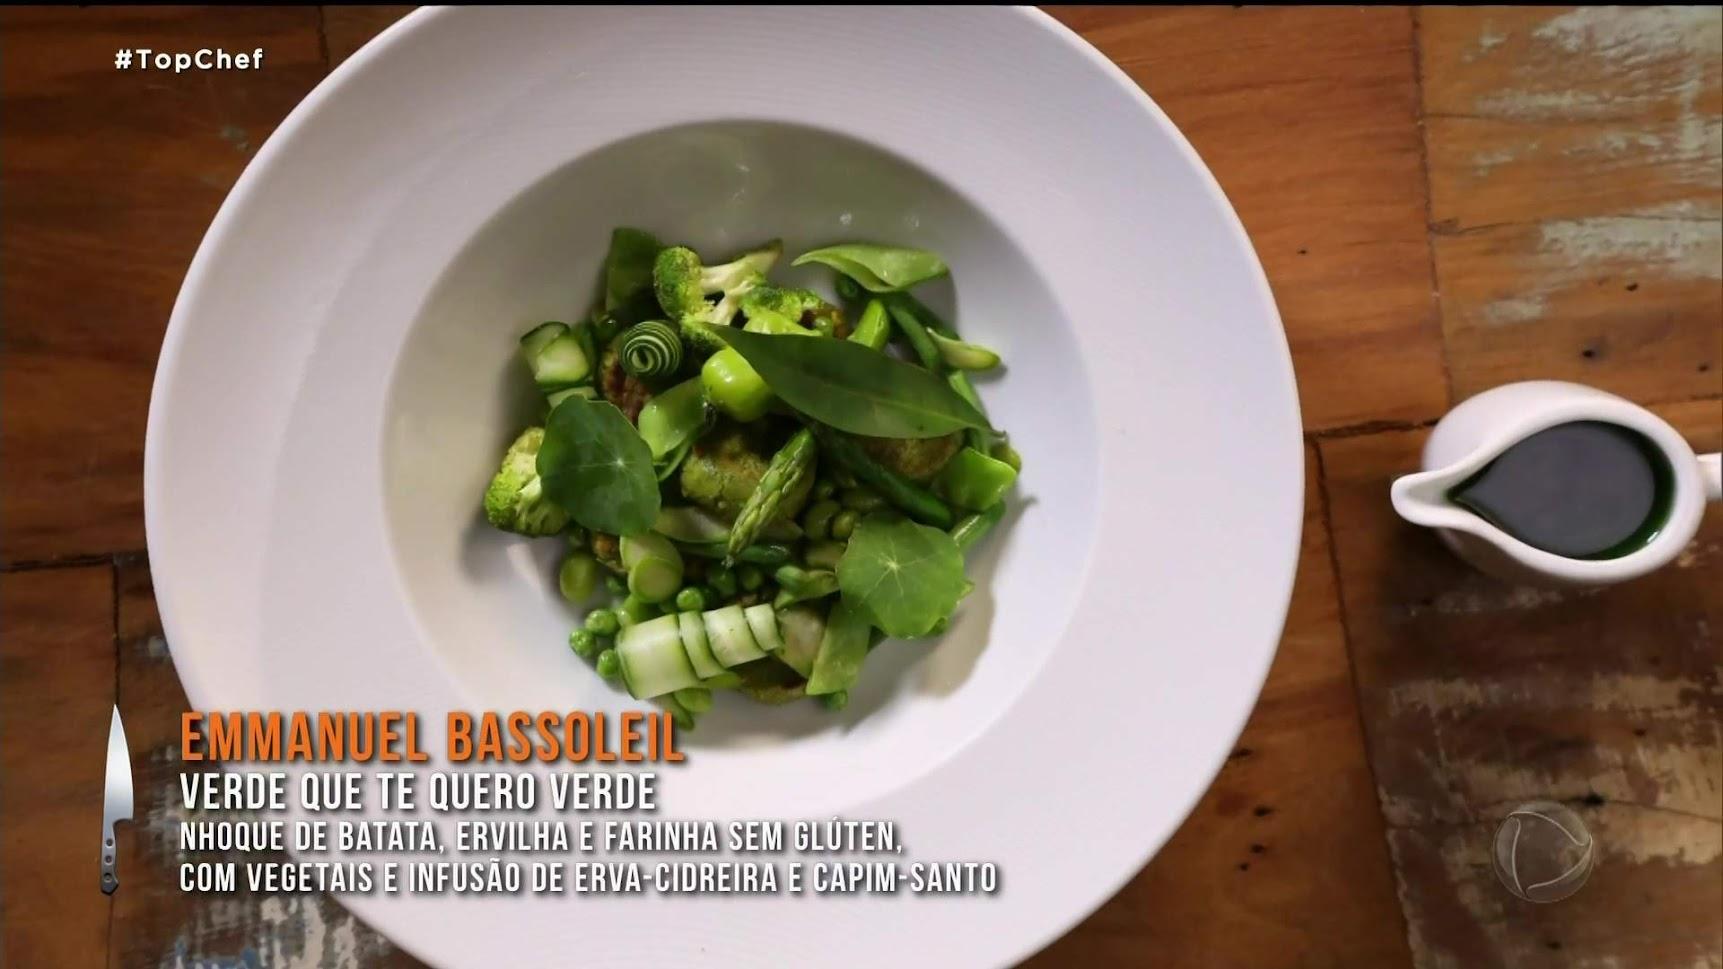 Prato verde que te quero verde no desafio de eliminação do Top Chef